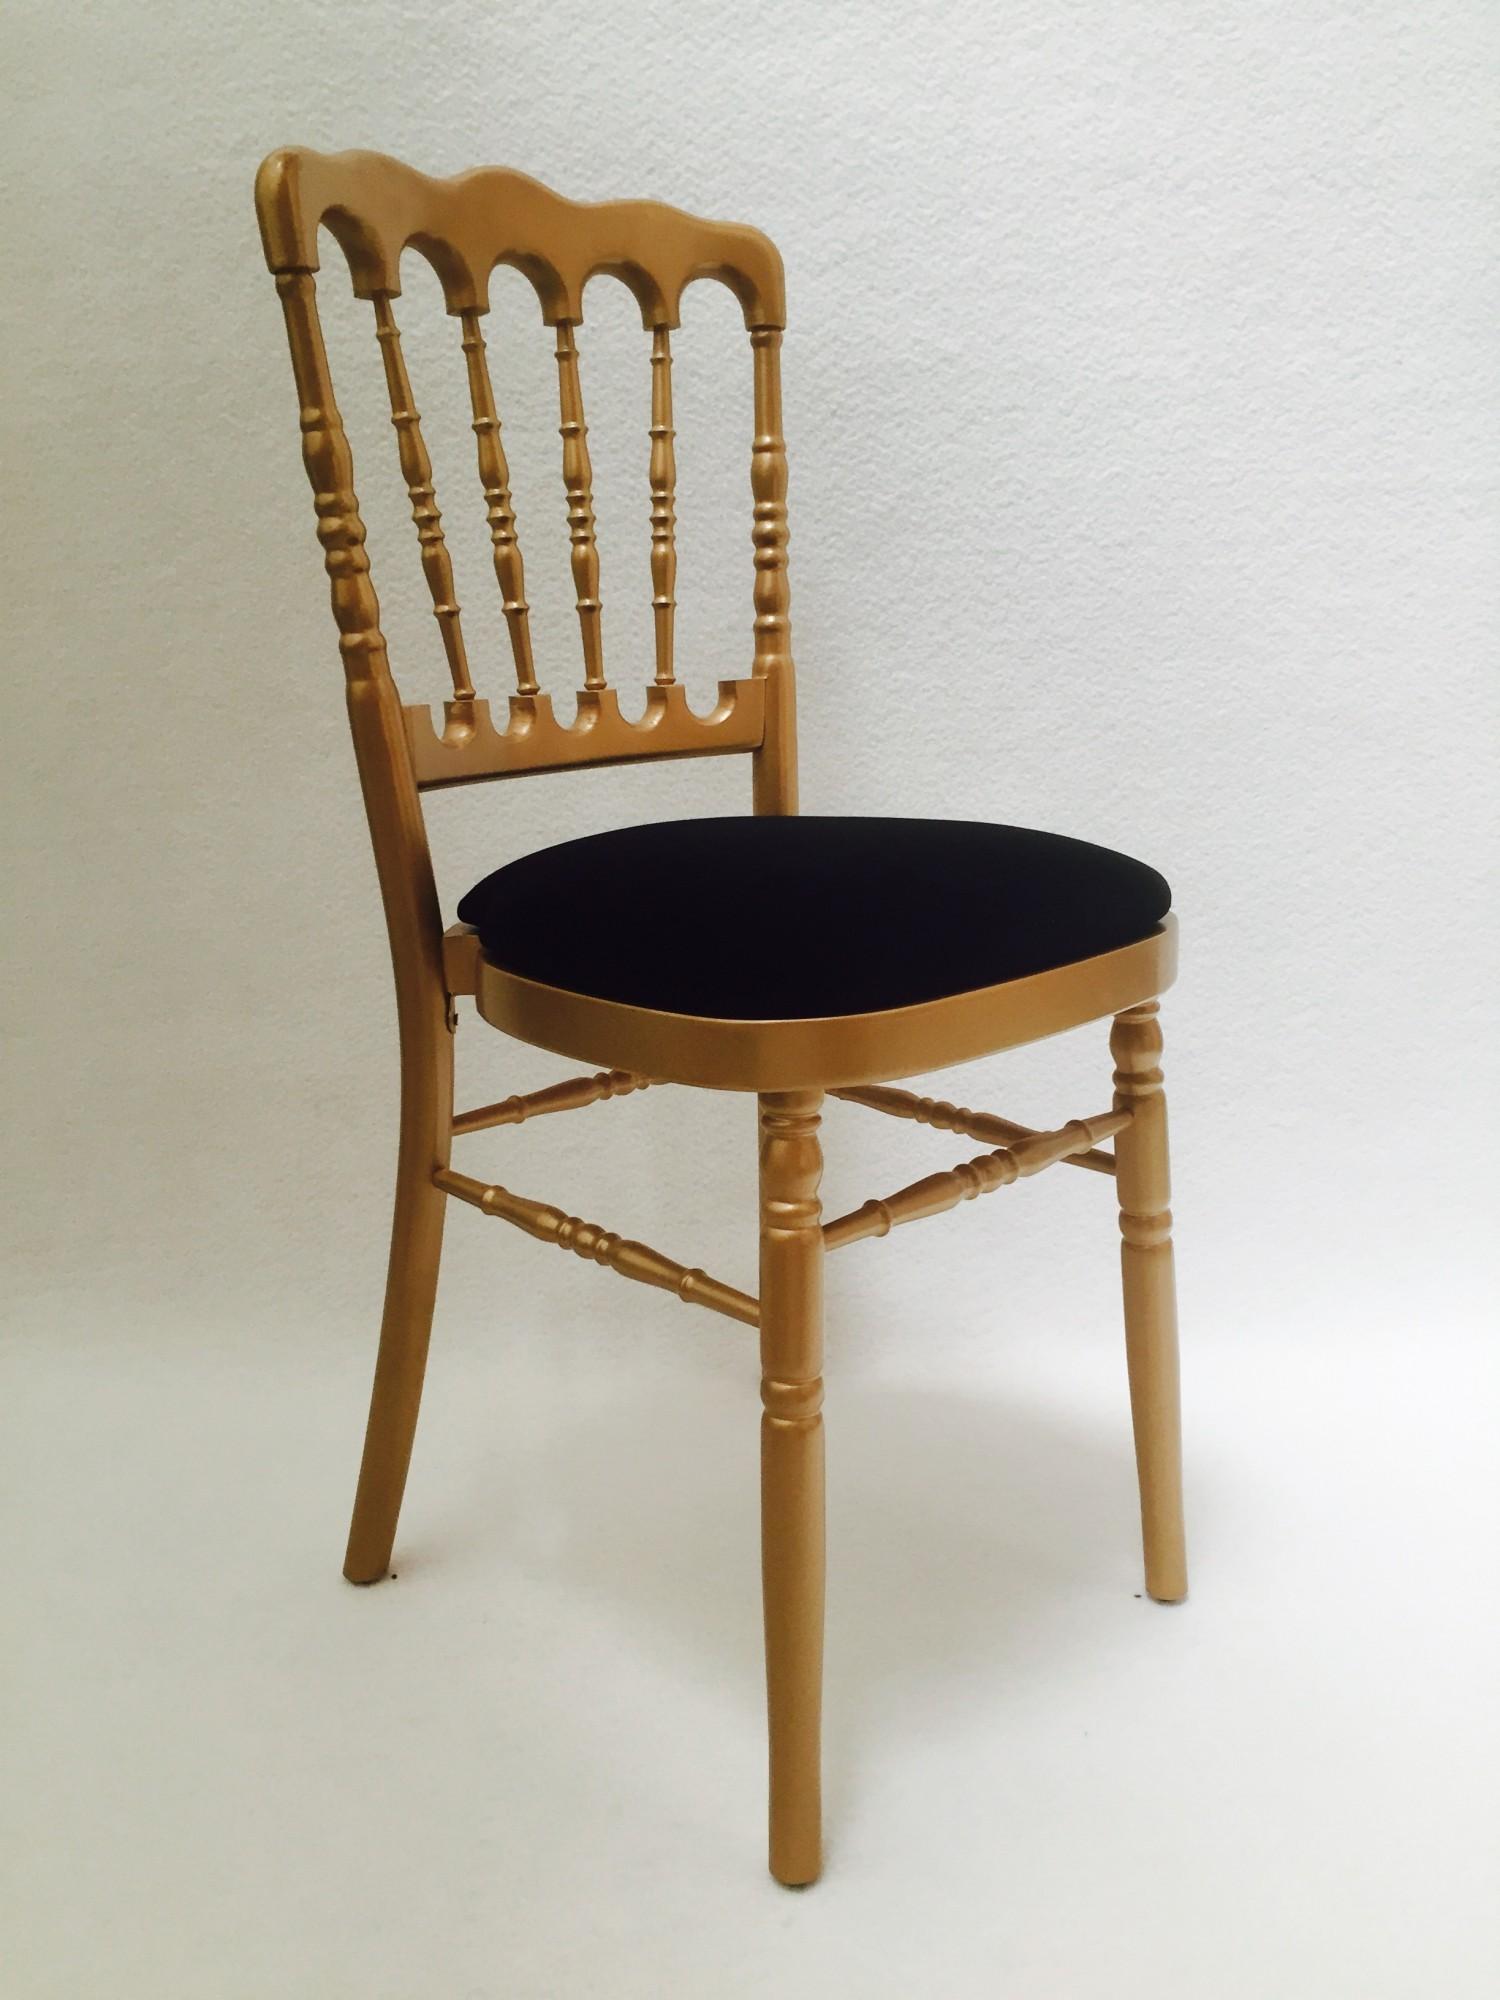 location de chaise napol on dor e assise noire location mobilier de r ception paris locaprod. Black Bedroom Furniture Sets. Home Design Ideas